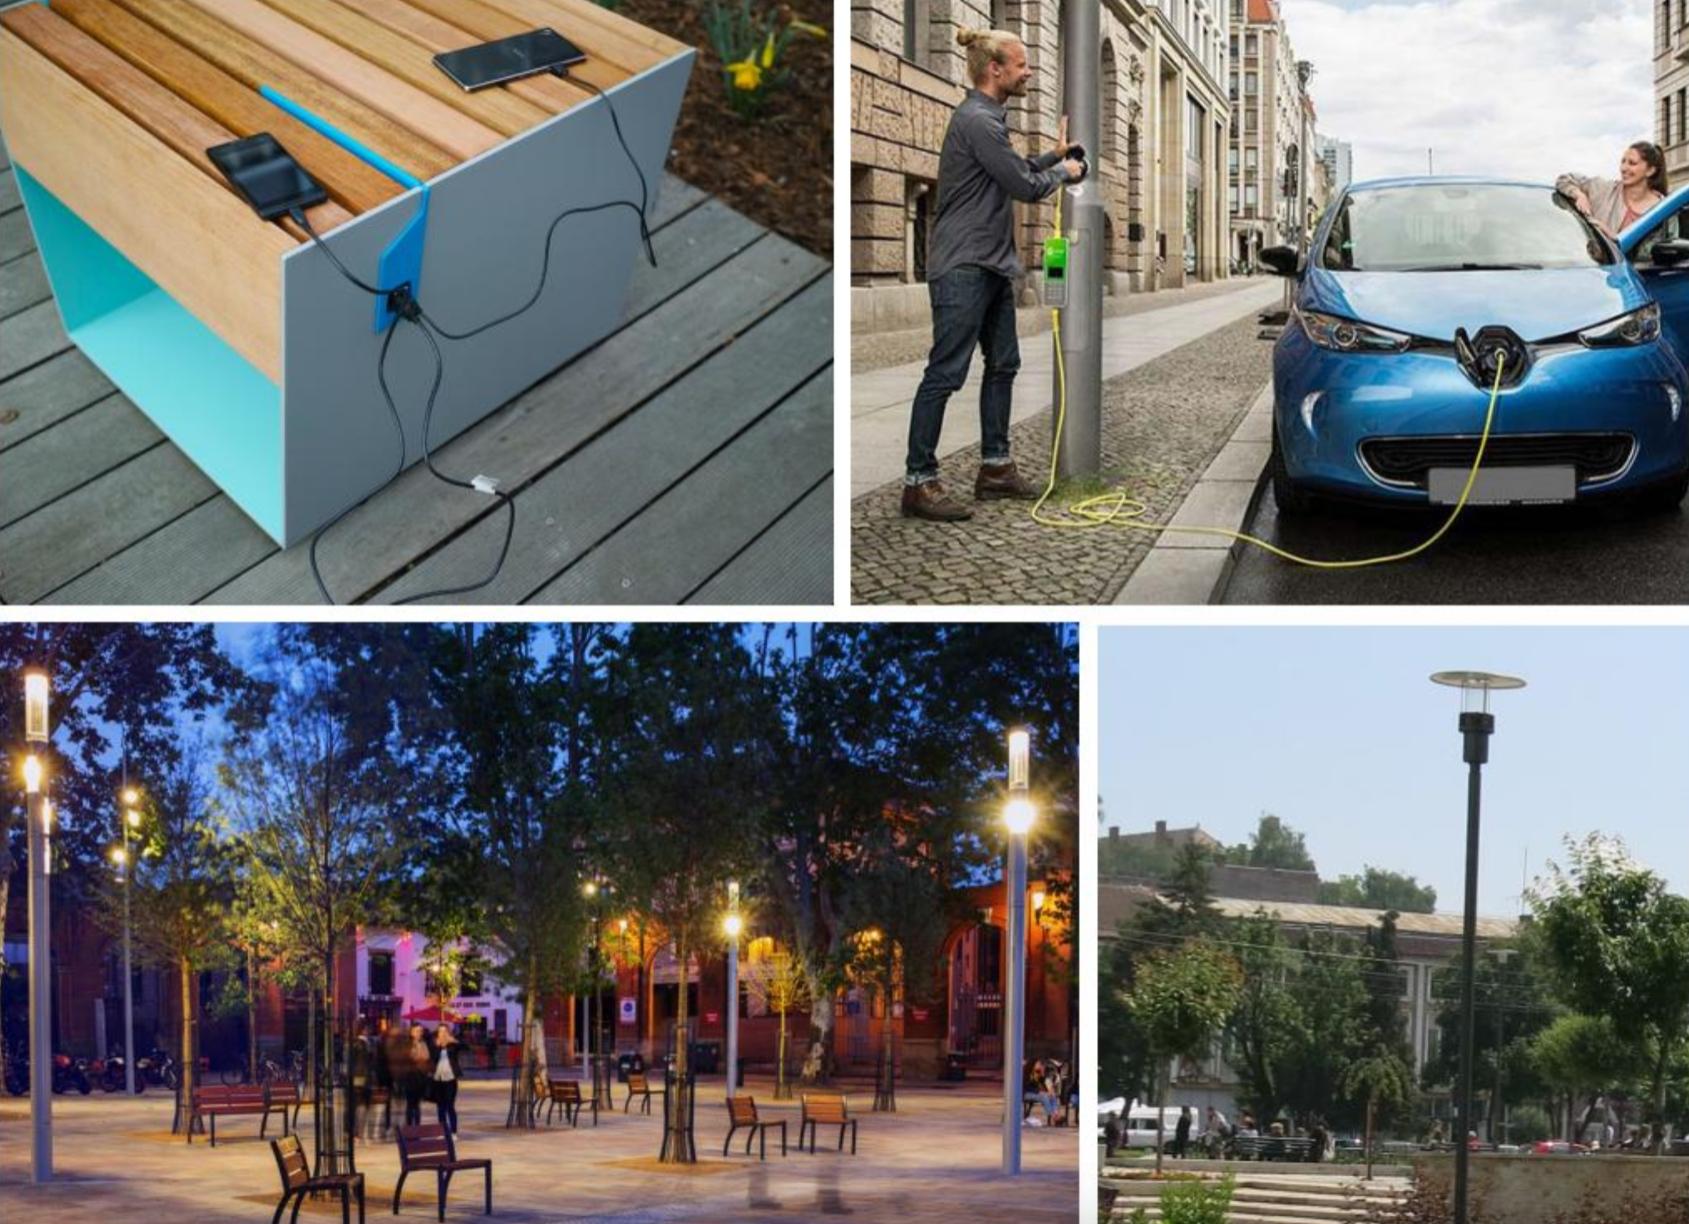 Clujul va avea o strada smart. Aceasta va avea stâlpi de iluminat cu wifi și banci cu incarcatoare prin usb